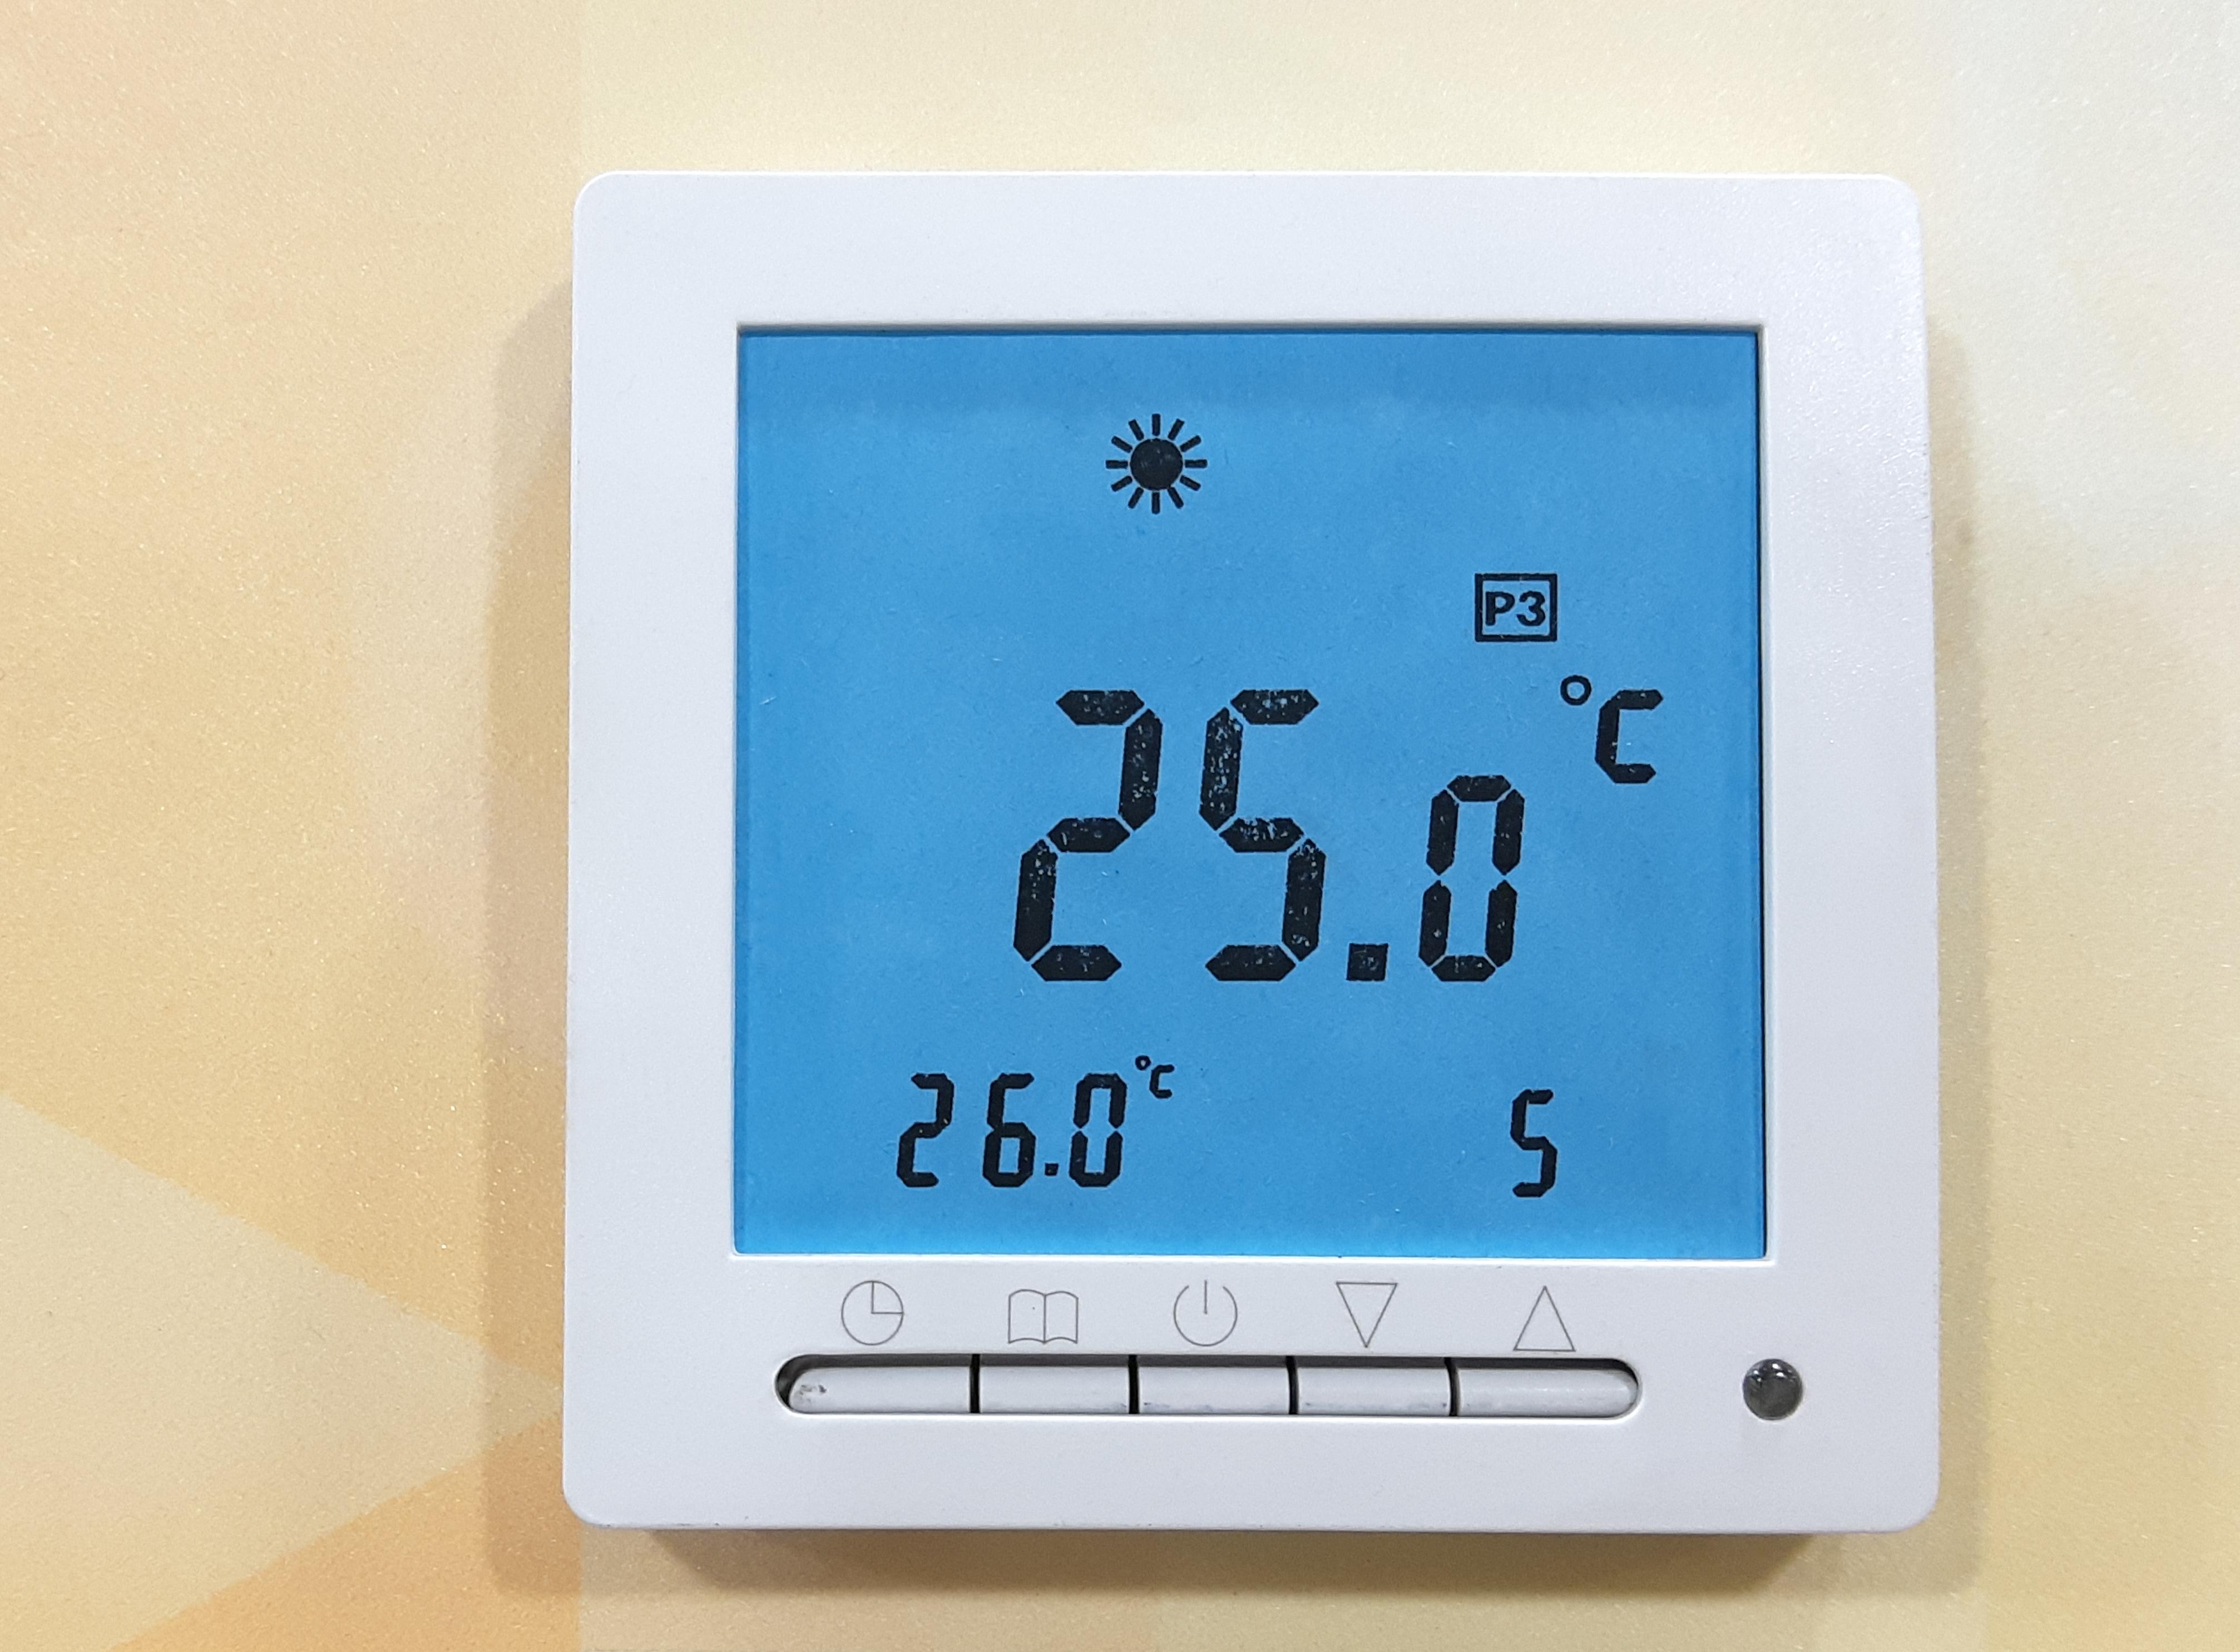 Програм. терморегул., с подсветкой